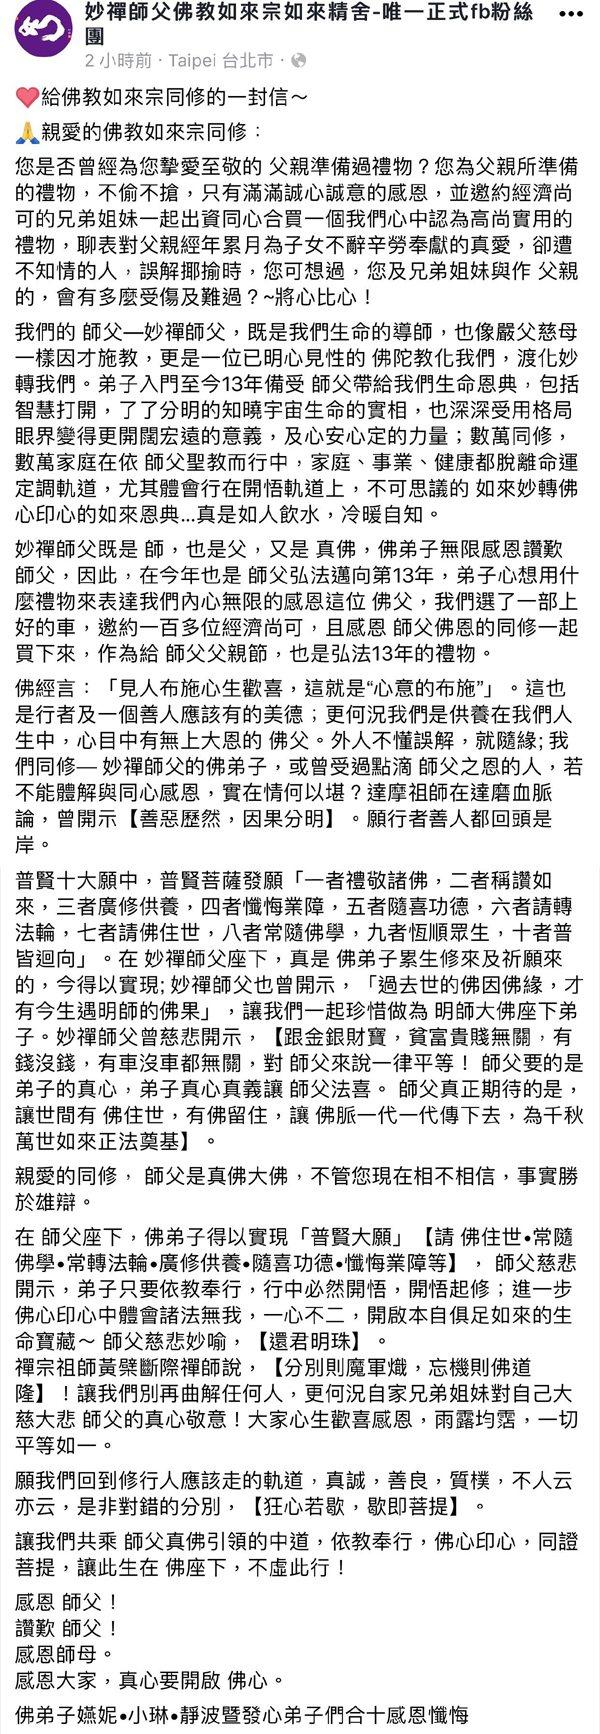 信徒貼在粉絲團的公開信已遭刪除,但「佛教如來宗」官網仍看得到。 圖擷自爆料公社